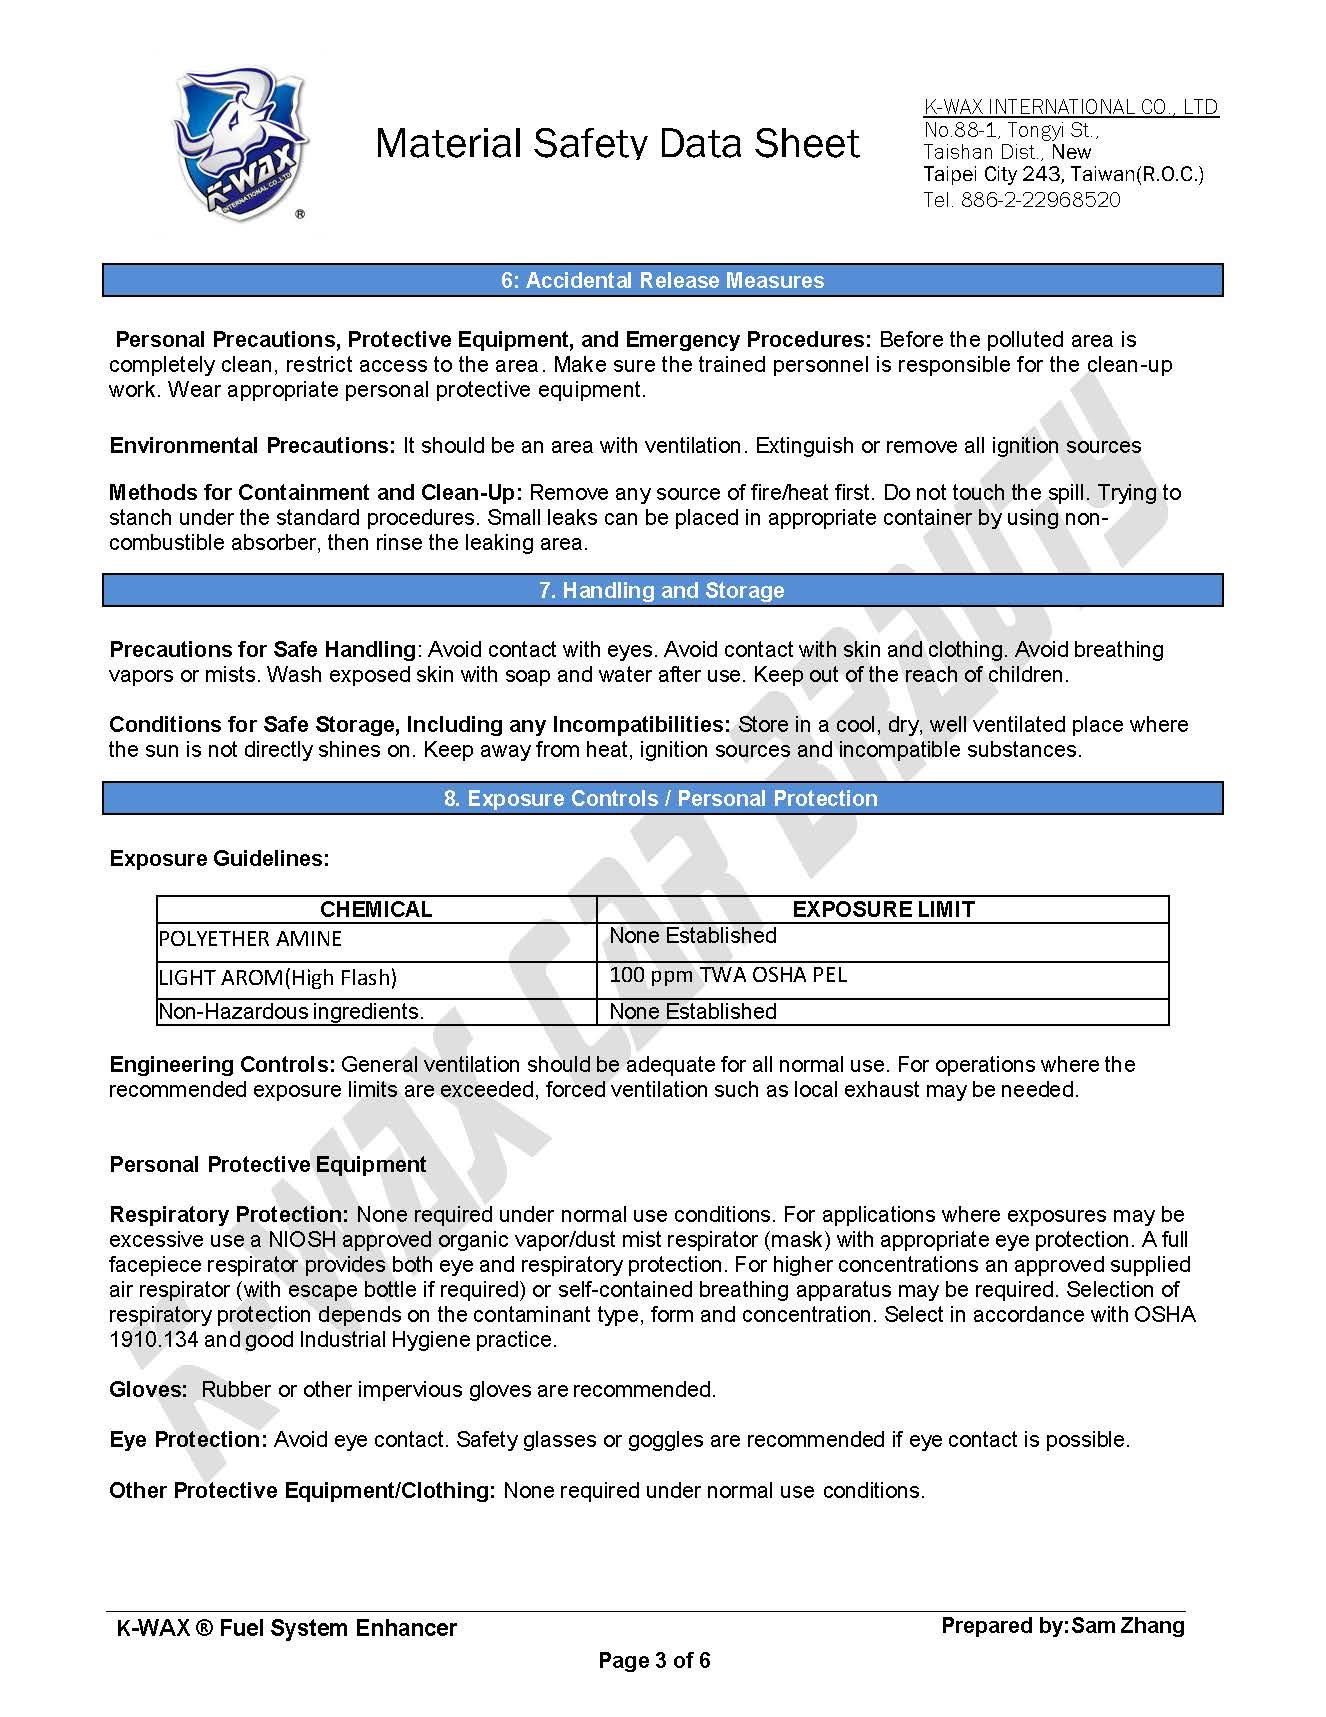 燃油系統強化劑 MSDS_页面_3.jpg